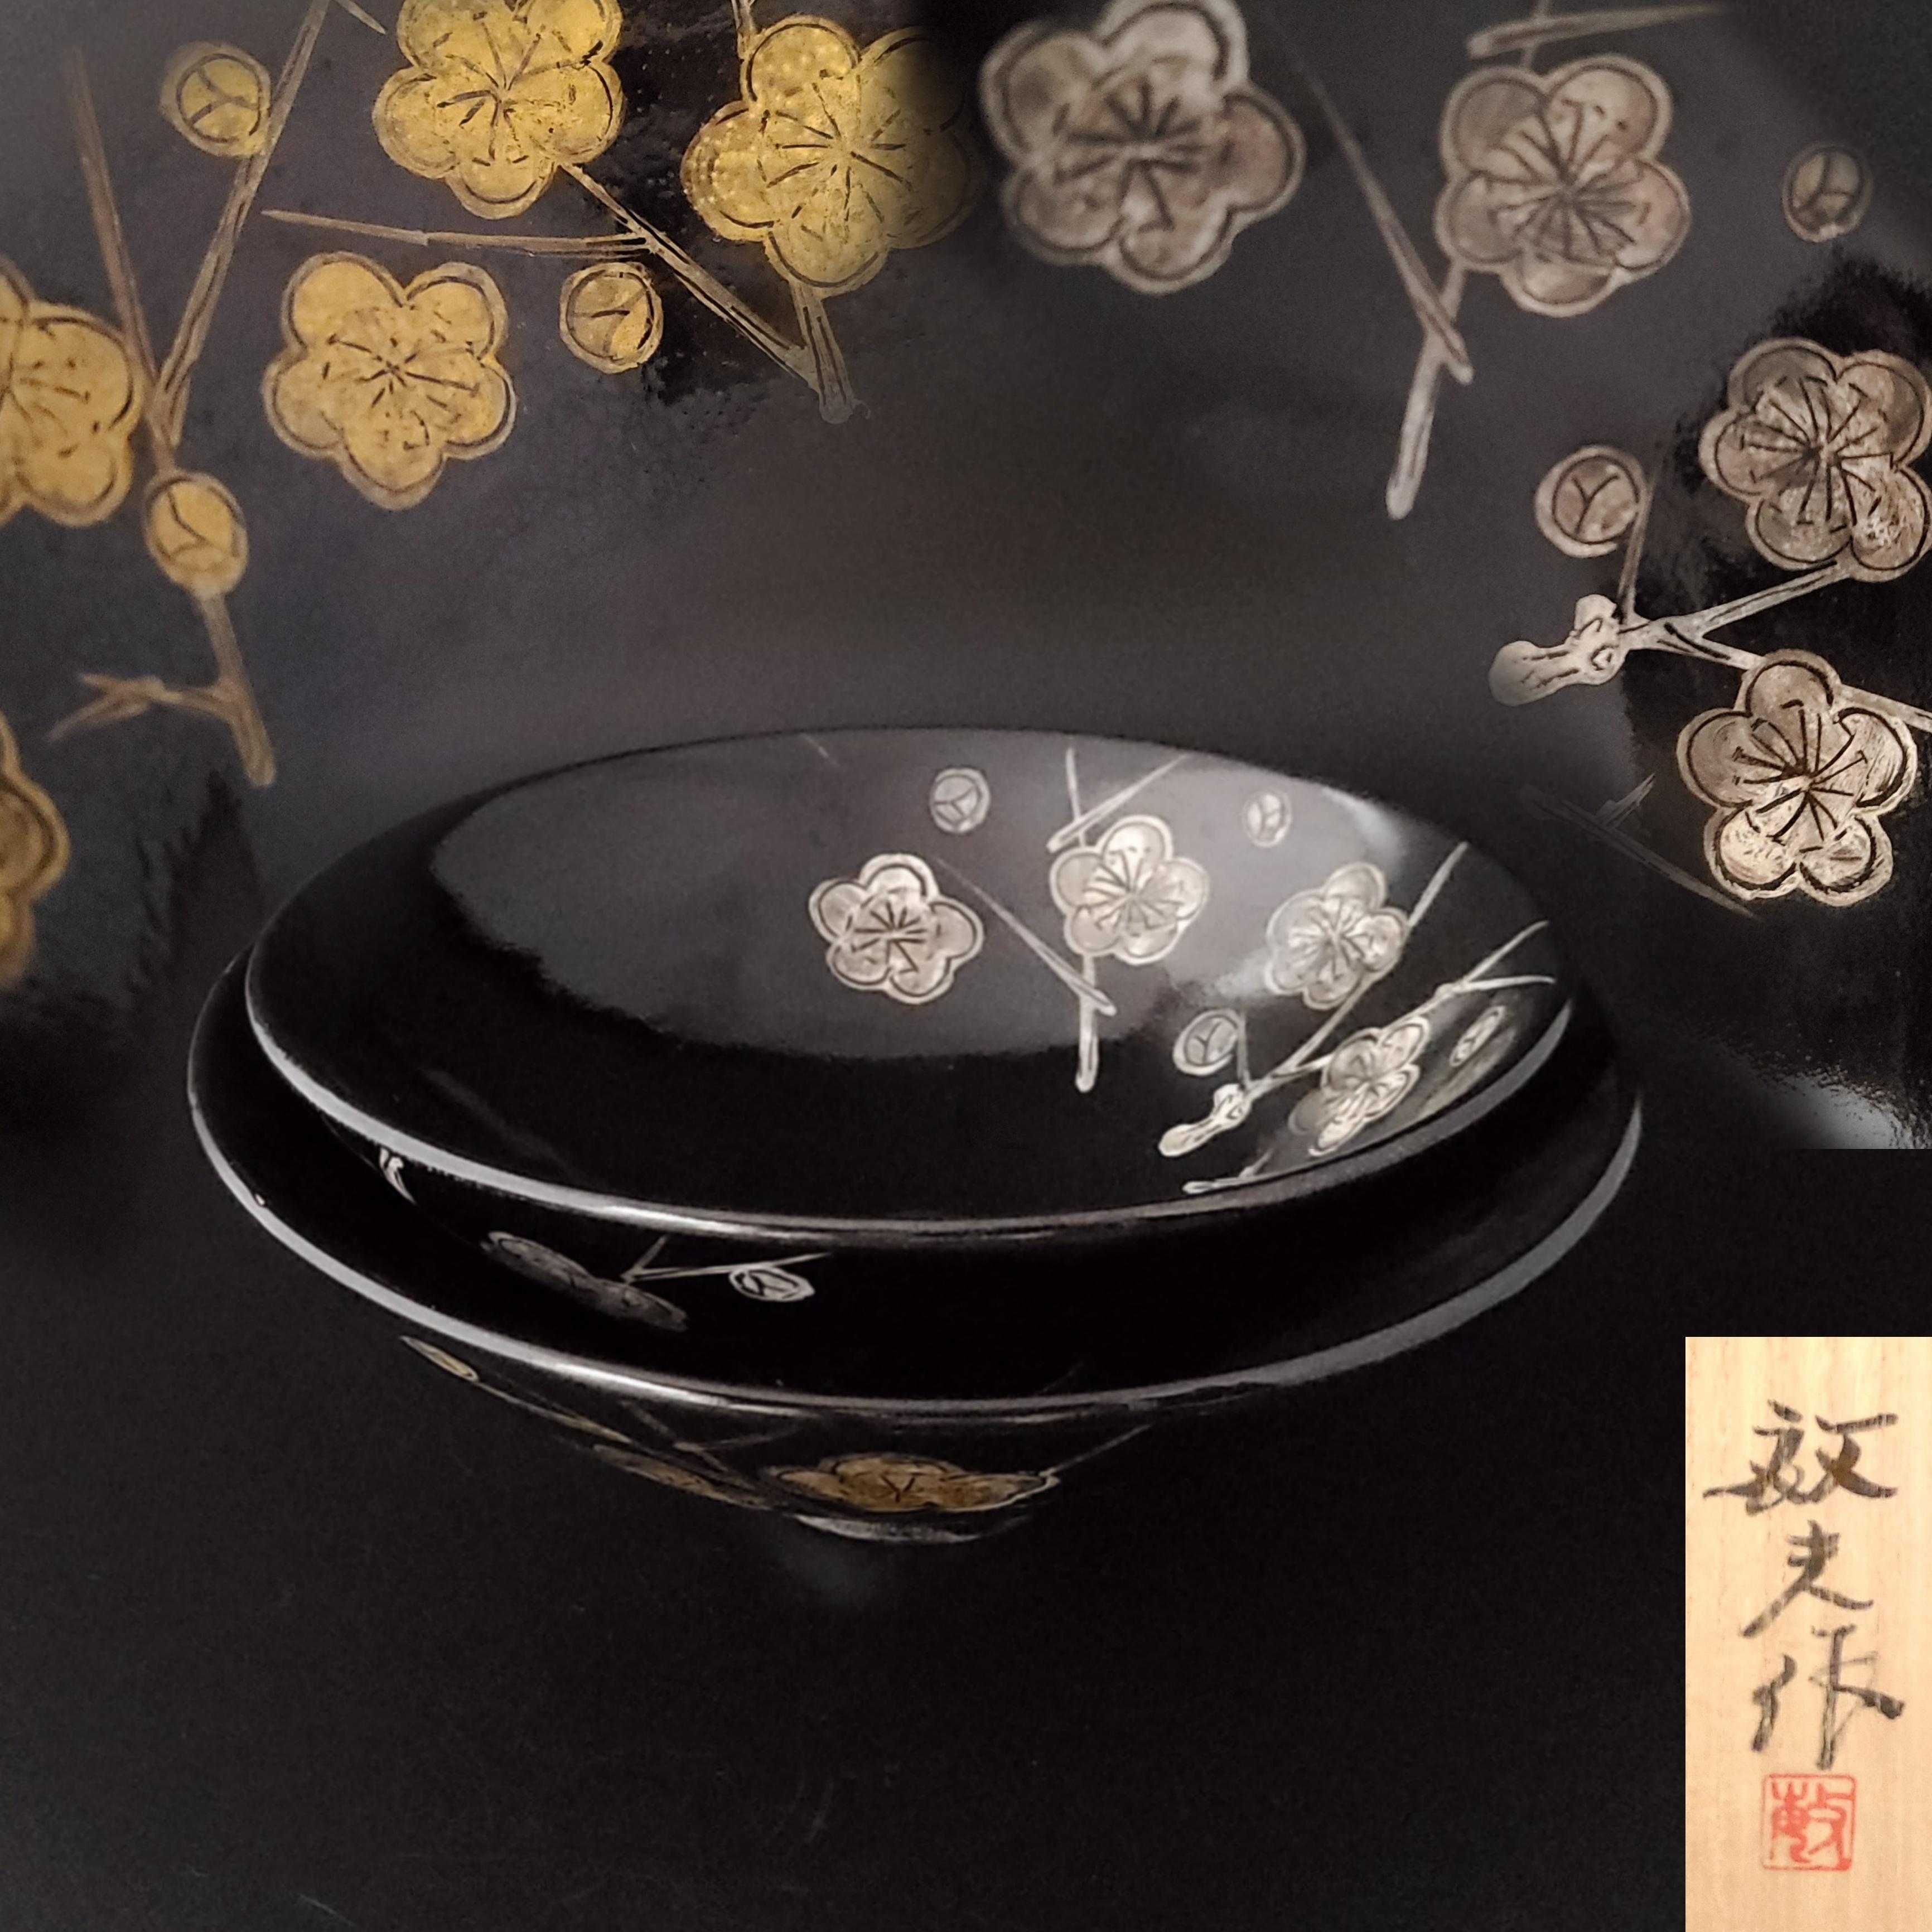 茶道具 黒釉 金銀彩 梅花絵 一双 重茶碗 江崎敏夫 共箱 正月 初釜 春